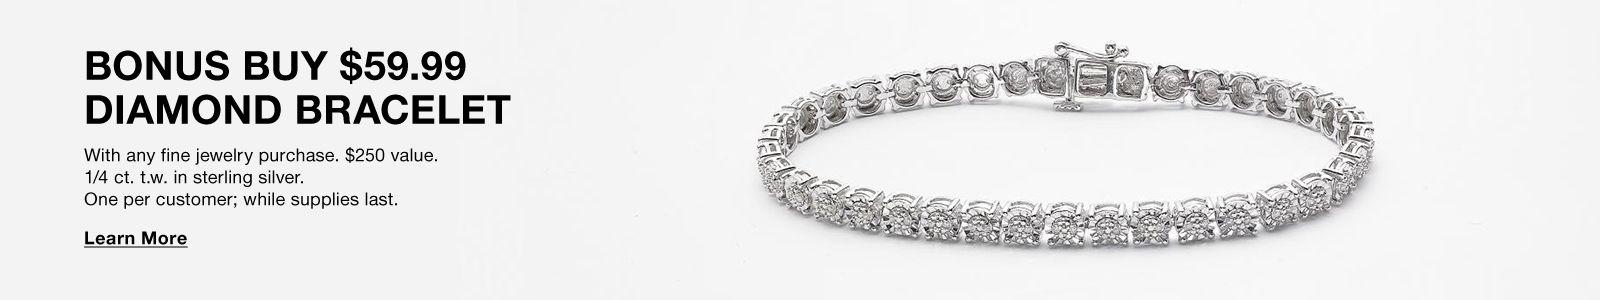 Bonus Buy $59.99, Diamond Bracelet, Learn More